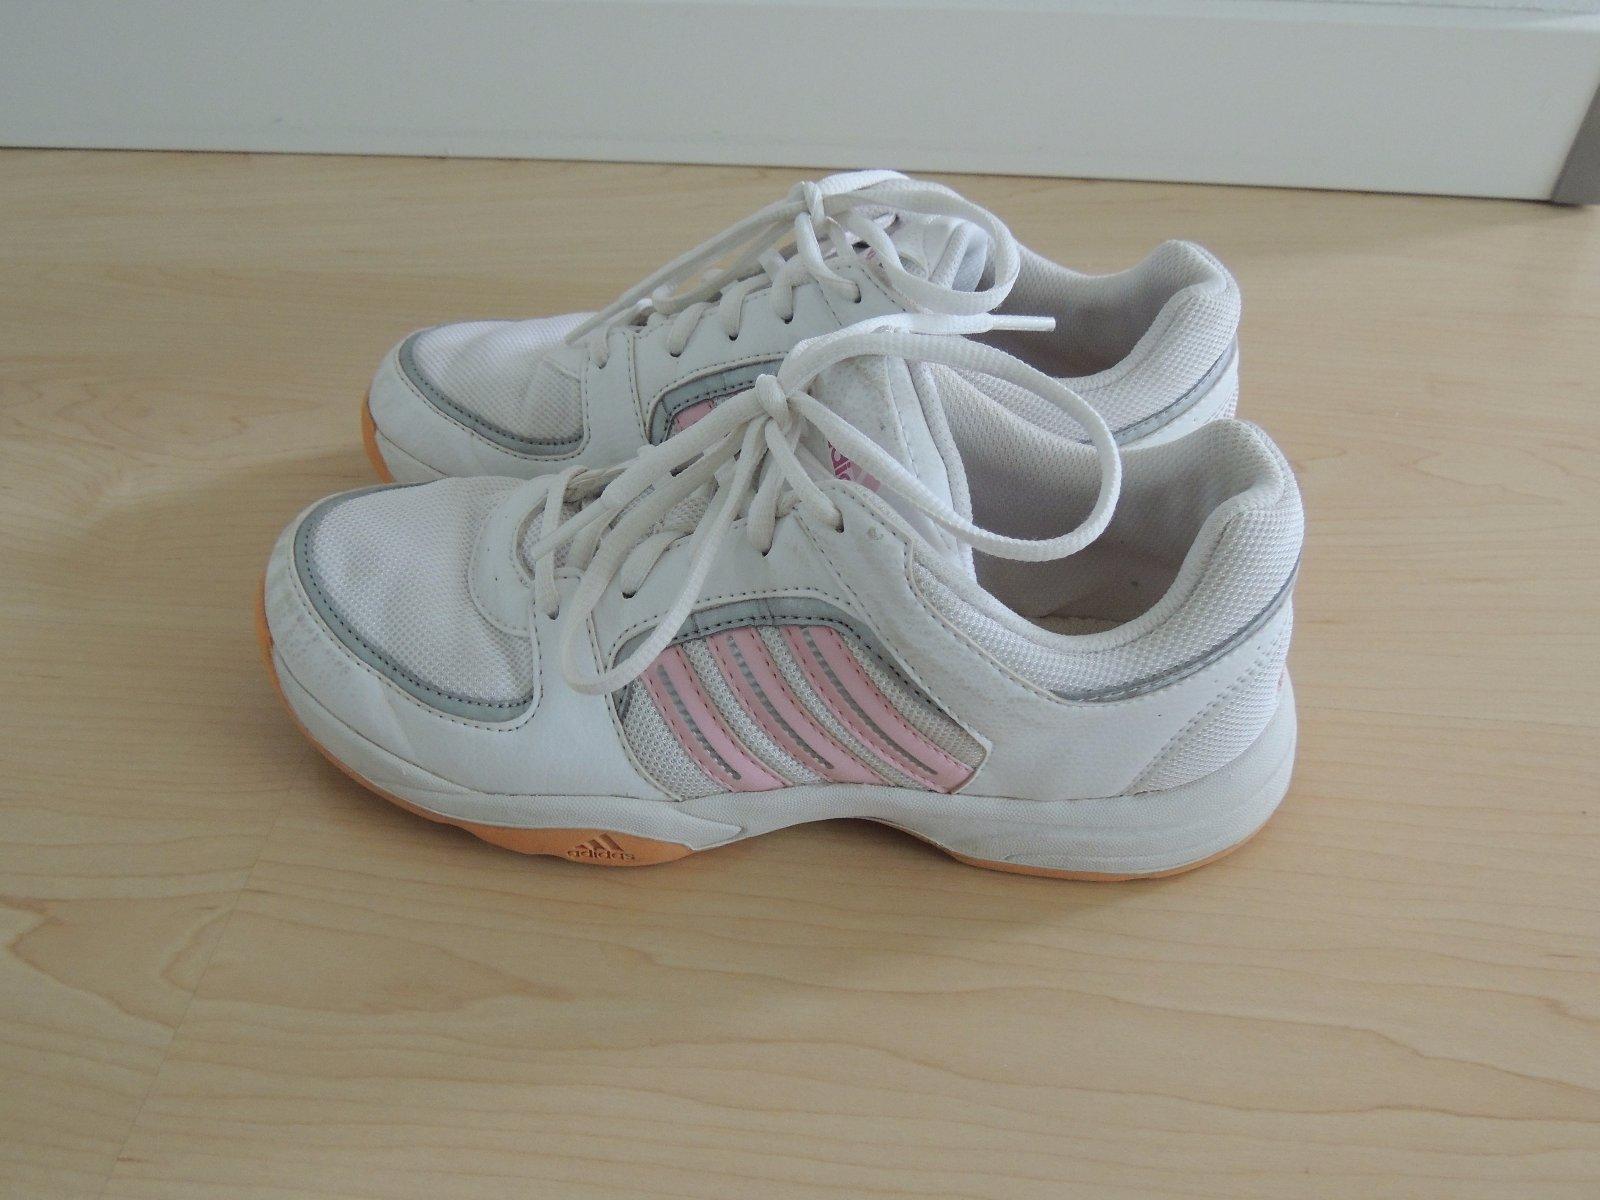 Dievčenské tenisky adidas a124b29949d